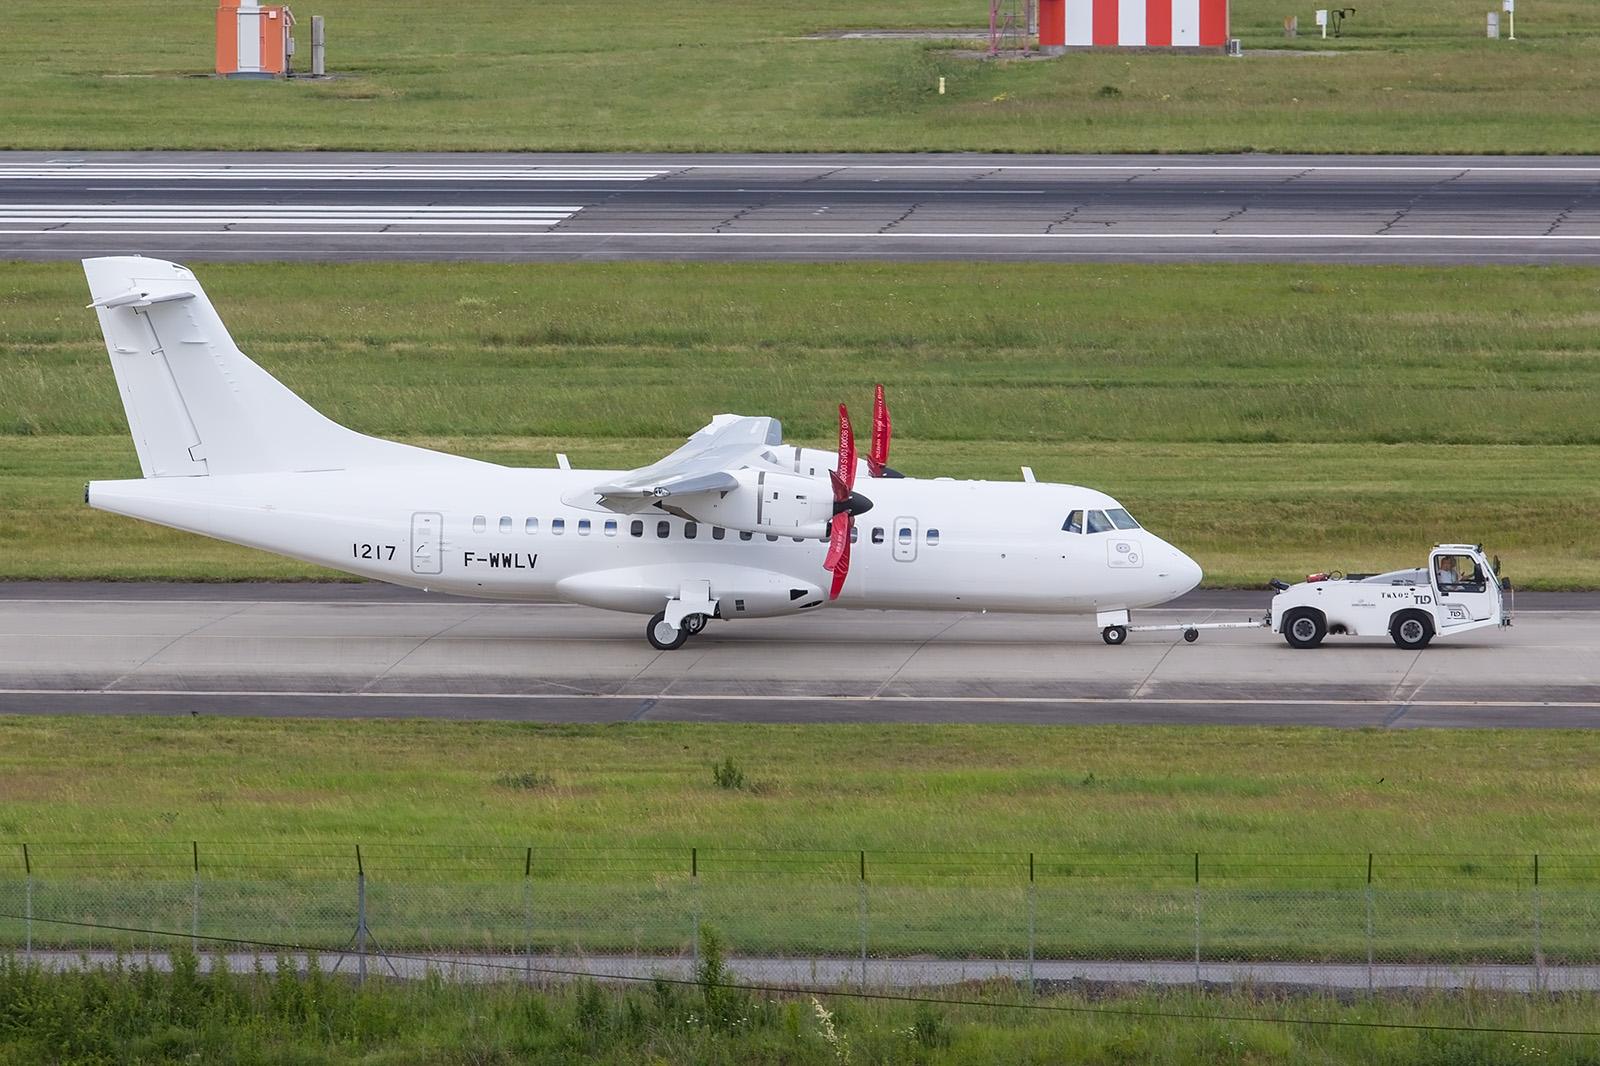 Bisher wurde noch kein Nutzer für diese ATR42 öffentlich bekannt.